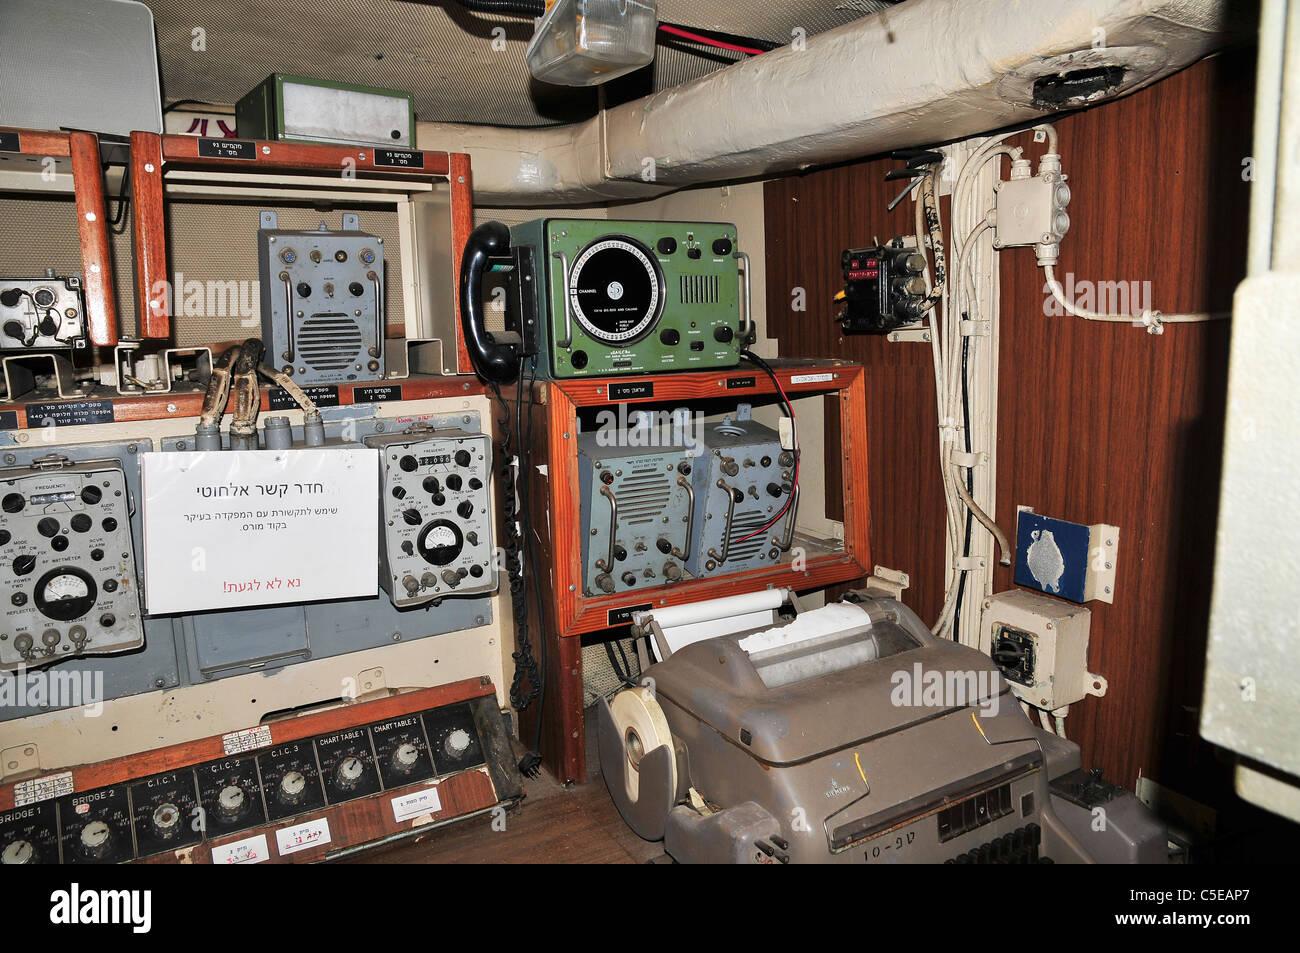 https://c8.alamy.com/compde/c5eap7/interieur-von-der-israelischen-marine-rakete-boot-ins-mivtach-kommunikation-zimmer-c5eap7.jpg